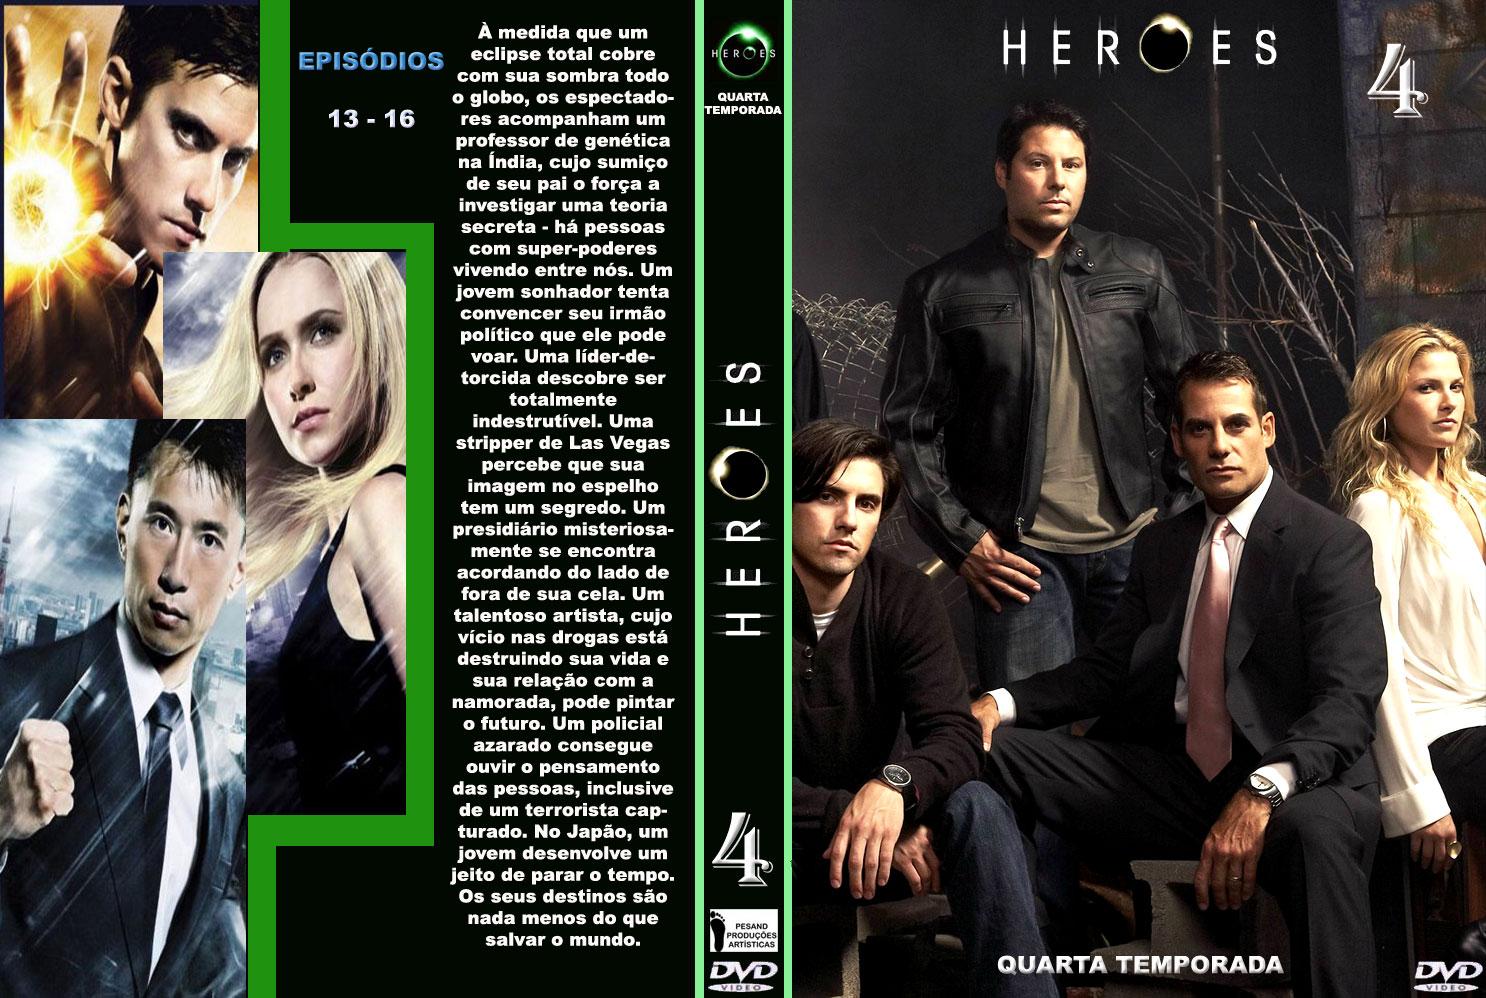 CAPAS EM SÉRIE: CAPAS DVD HEROES